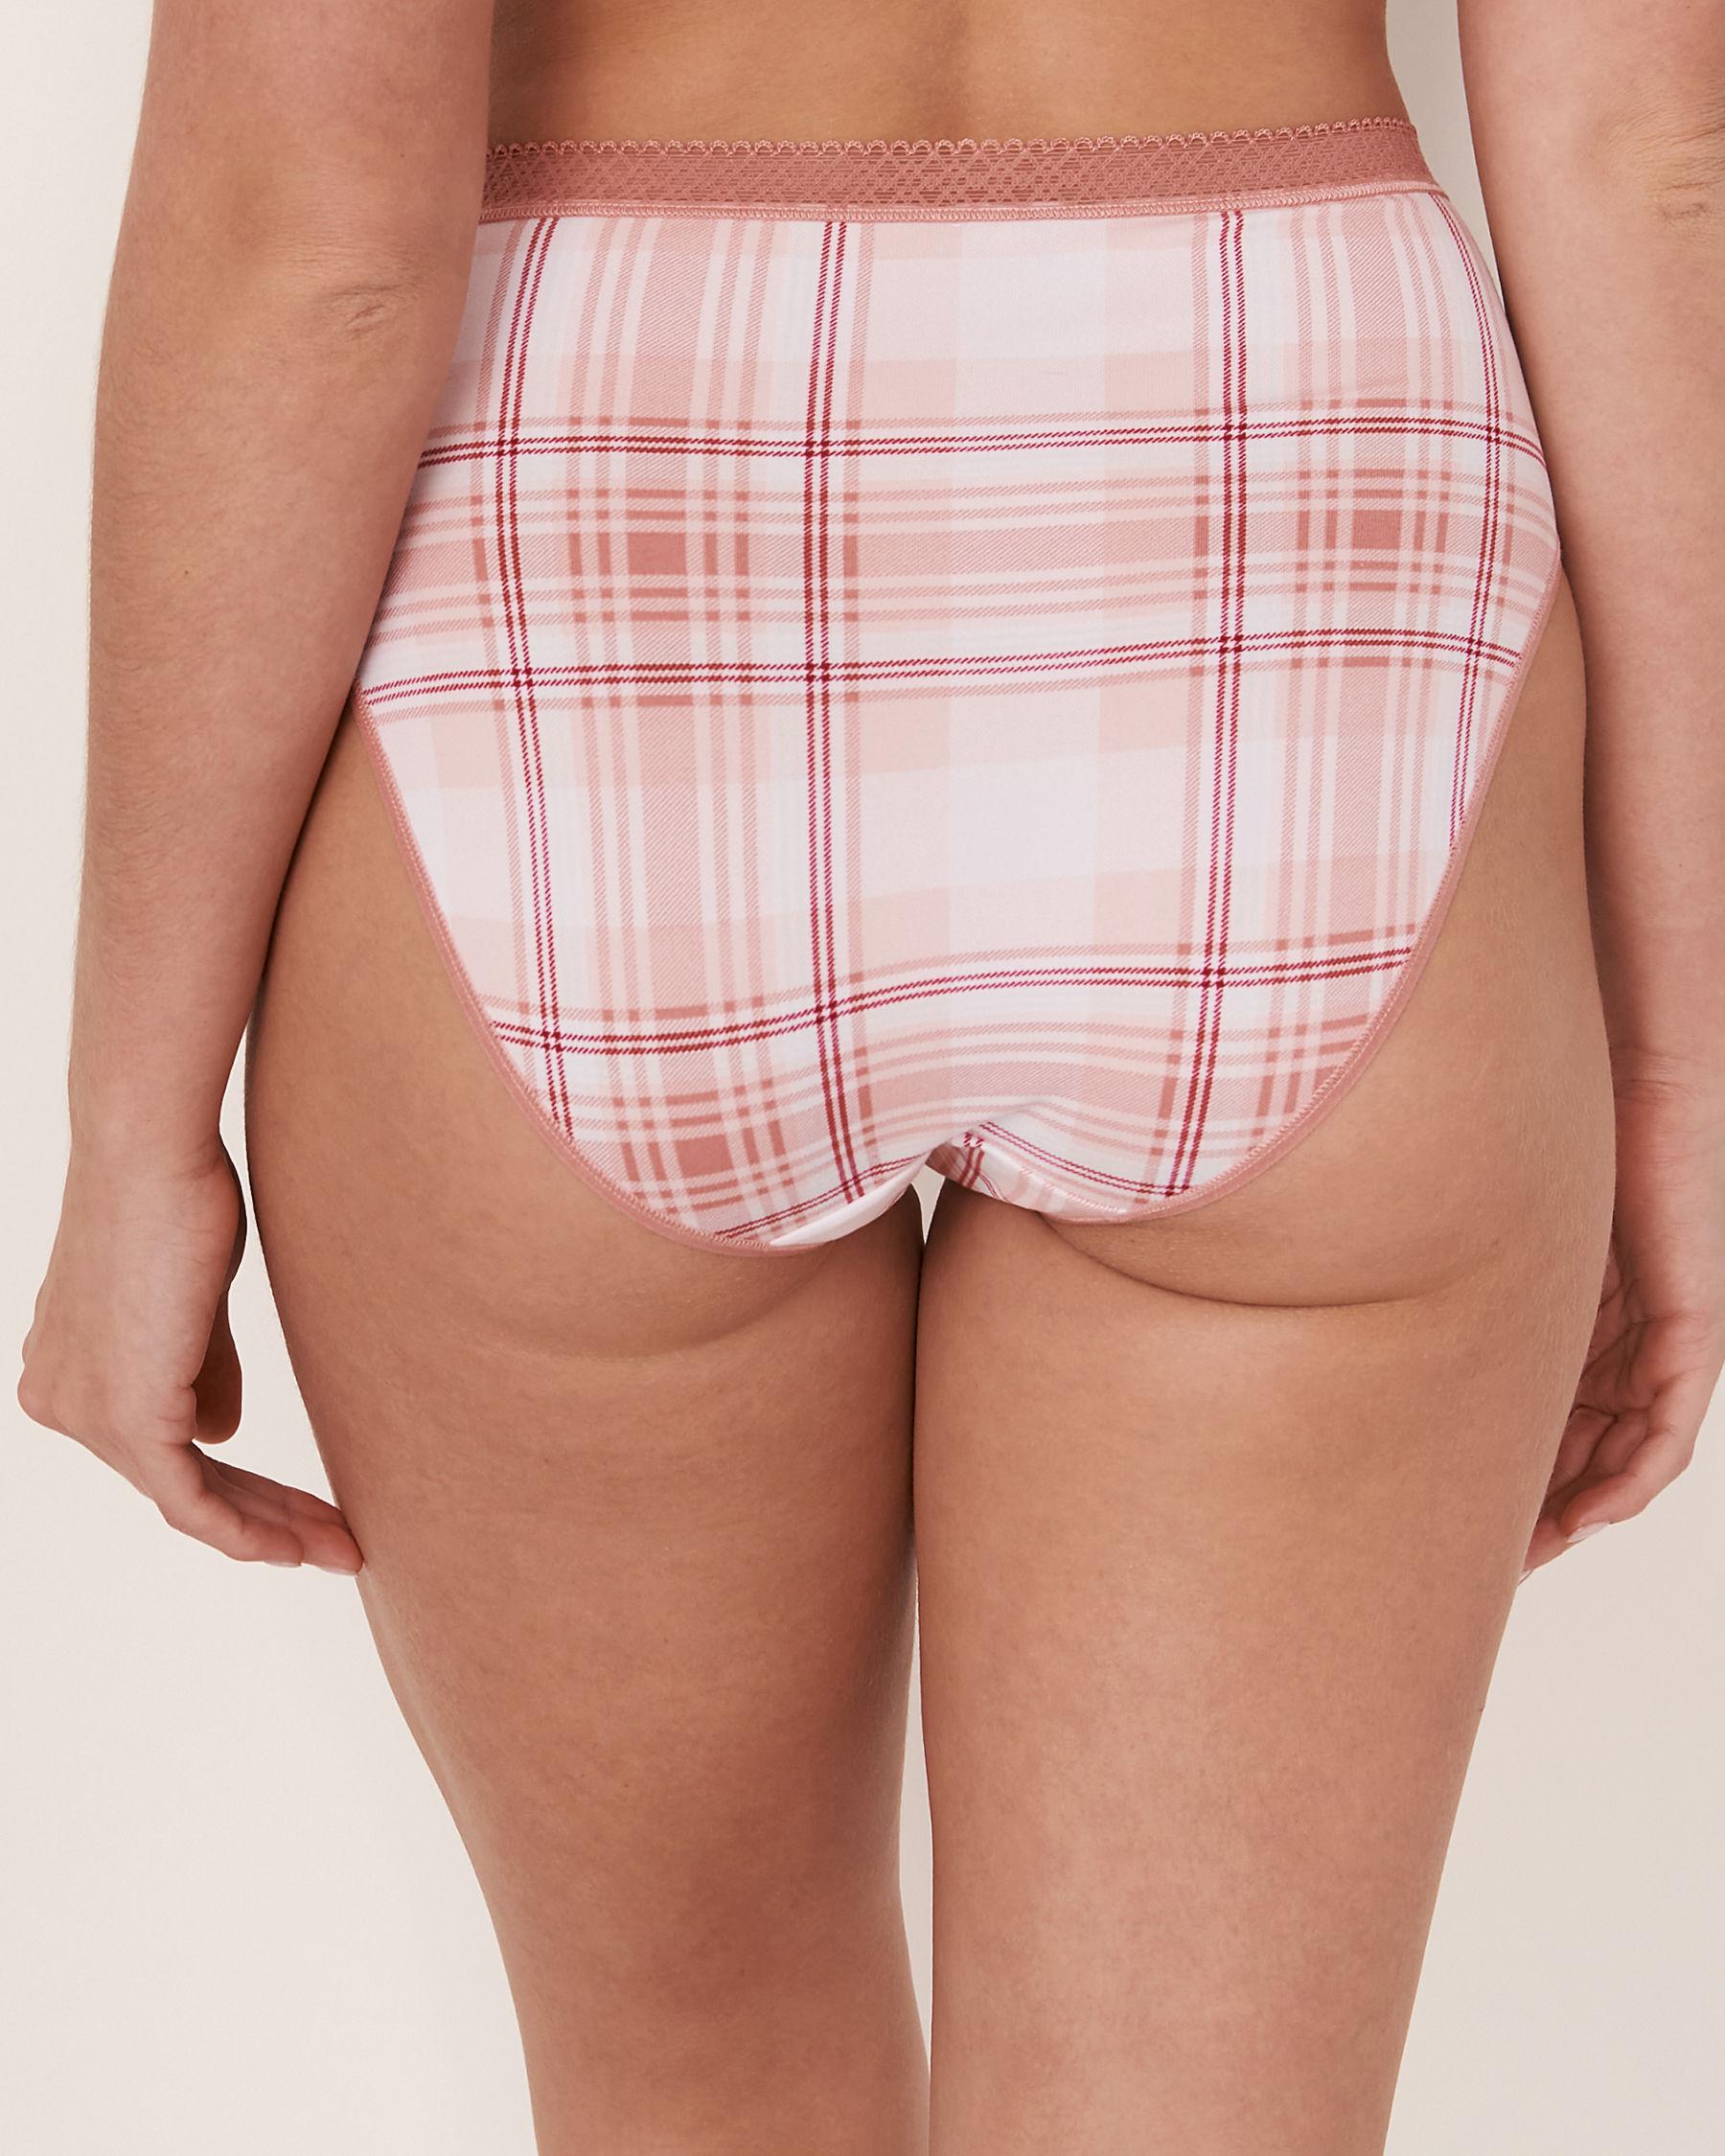 LA VIE EN ROSE High Waist Bikini Panty Plaid 20100059 - View2